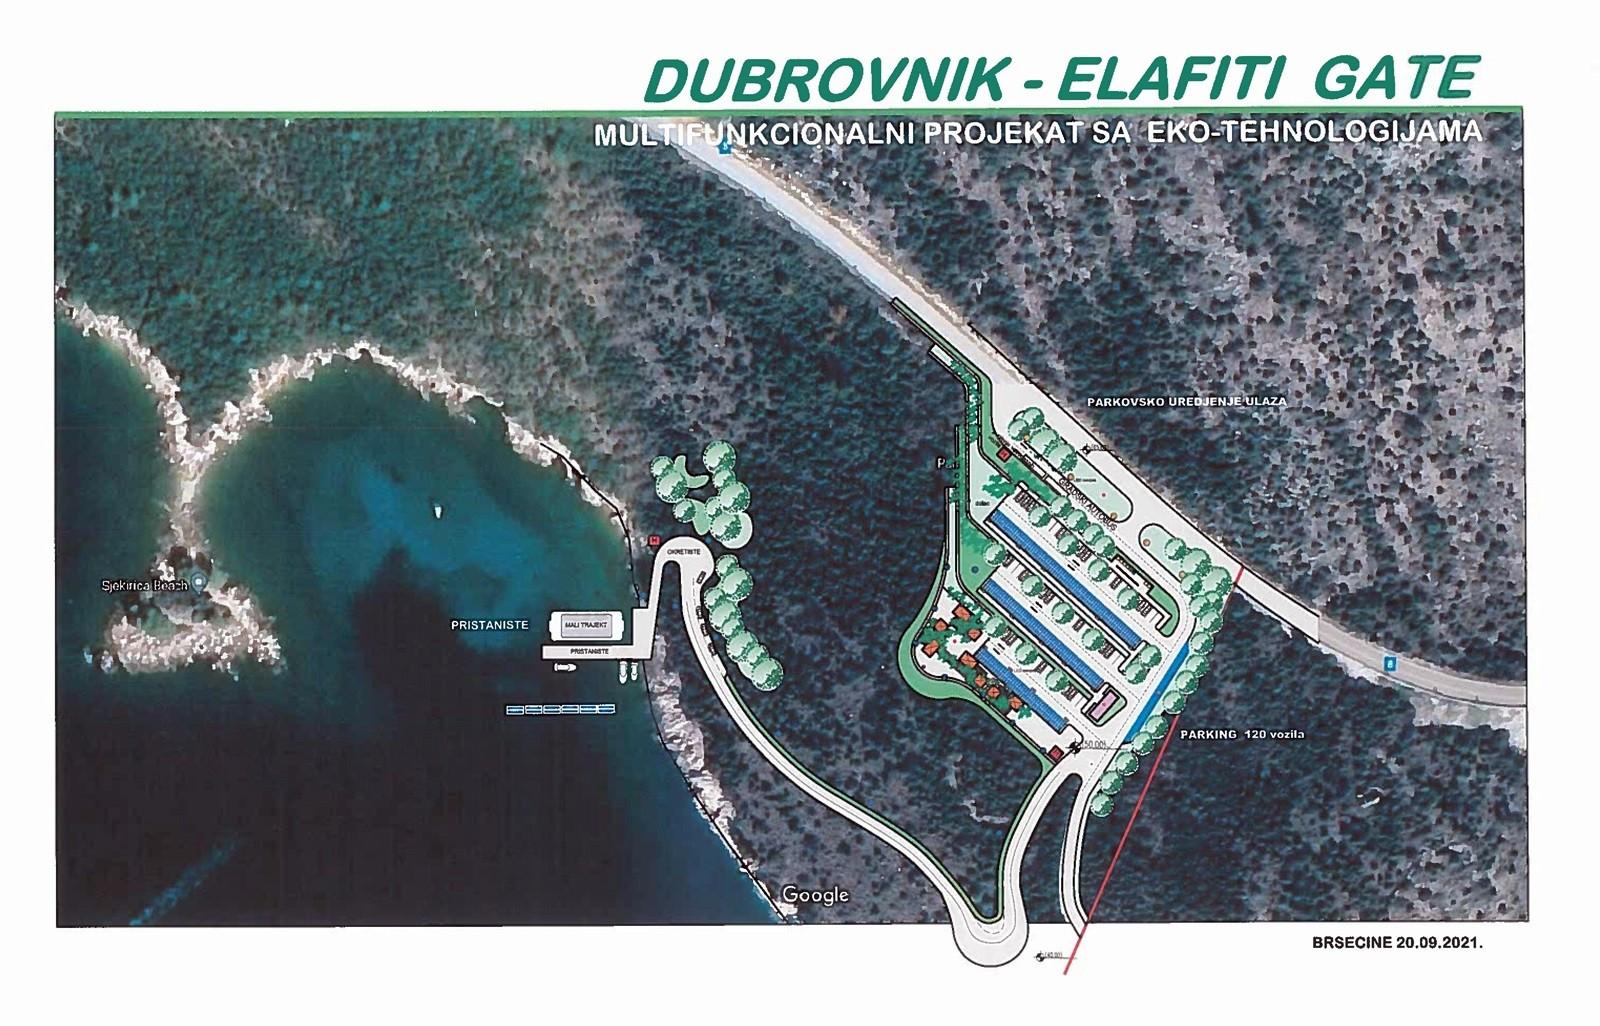 U Brsečinama se razvija ekološki održivi projekt Dubrovnik-Elafiti Gate; uključuje parkiralište s pristaništem i brodskom vezom za Lopud i Šipan